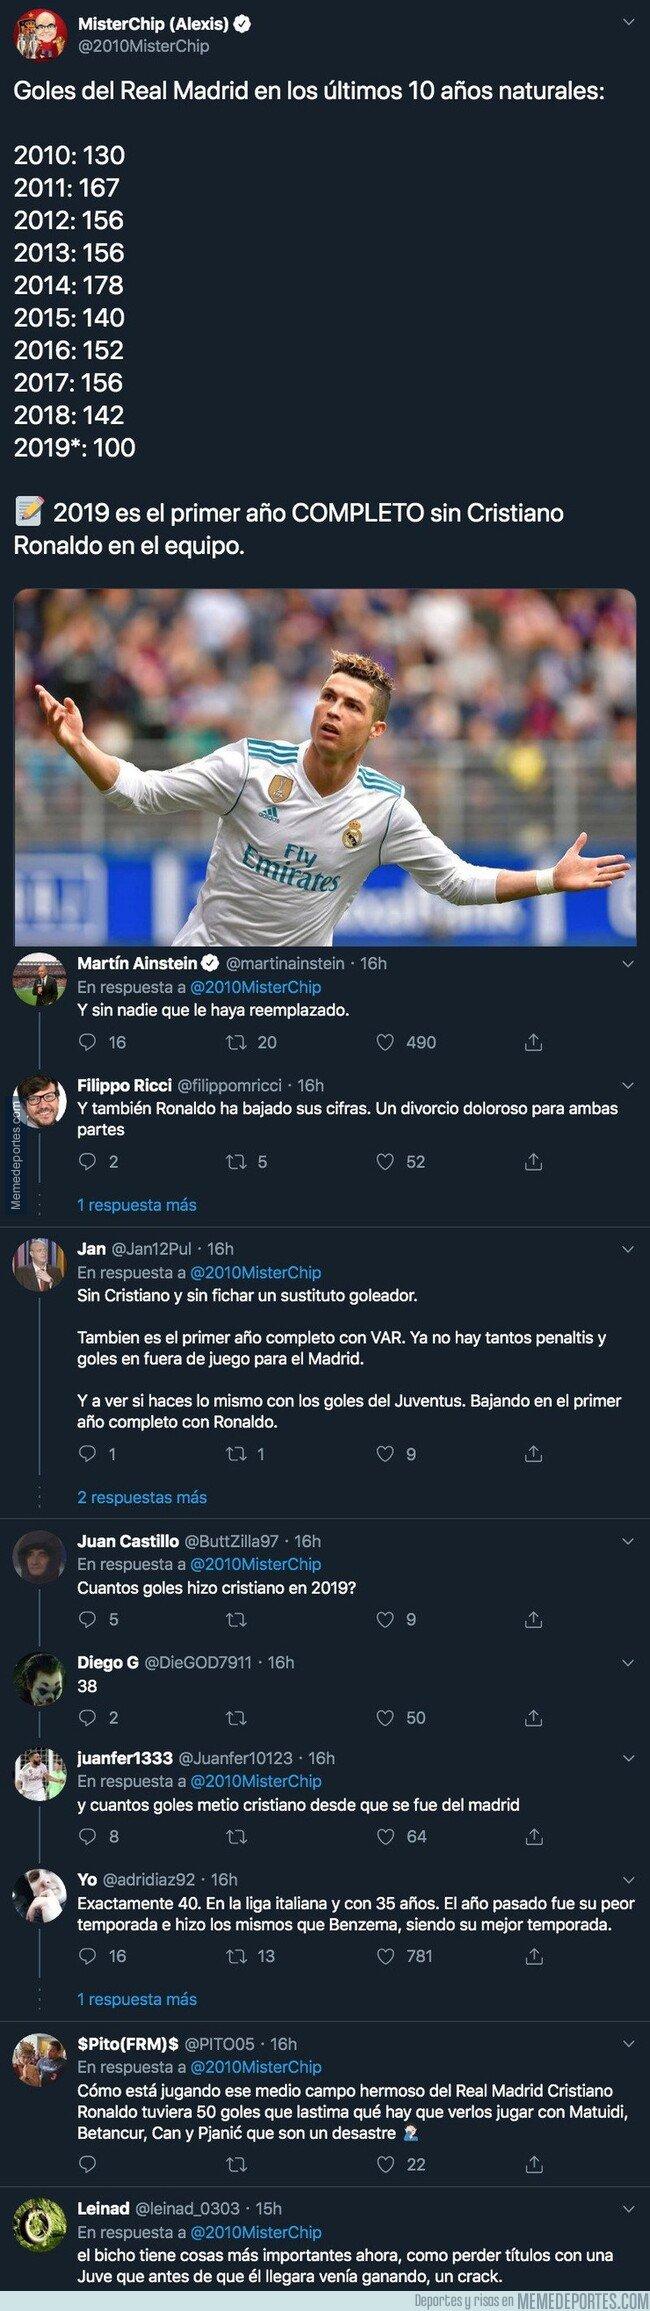 1094274 - El demoledor dato goleador del Real Madrid y Cristiano en 2019 con el que sus aficionados están literalmente llorando de rabia